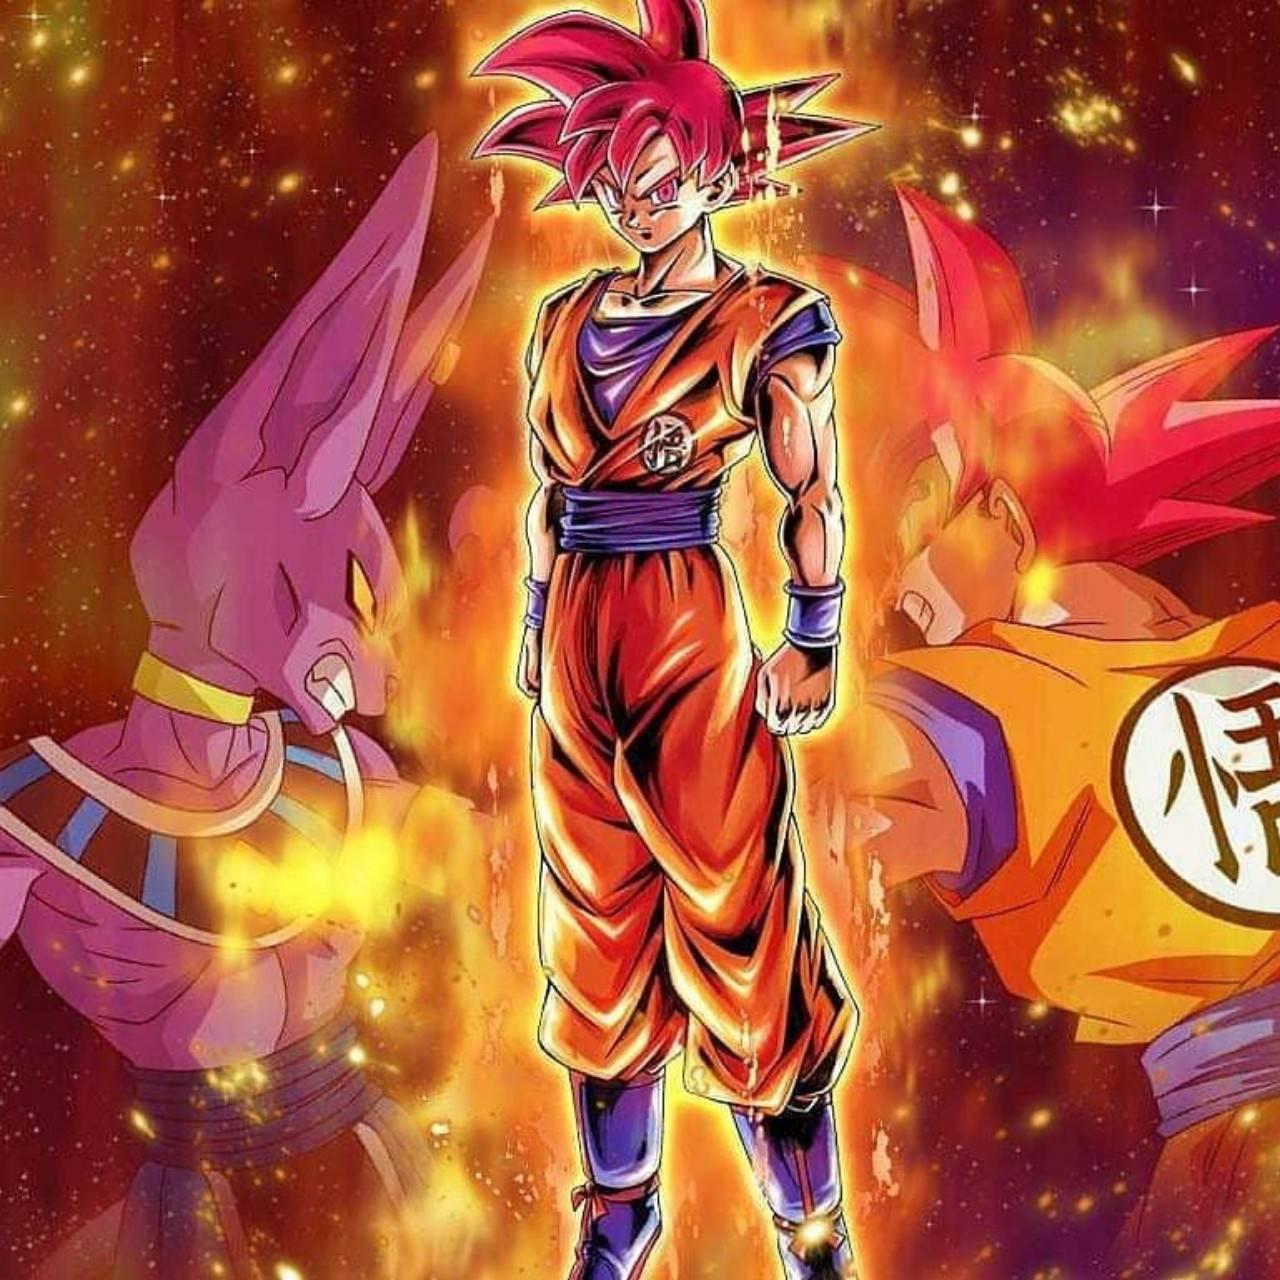 God Goku vs Beerus